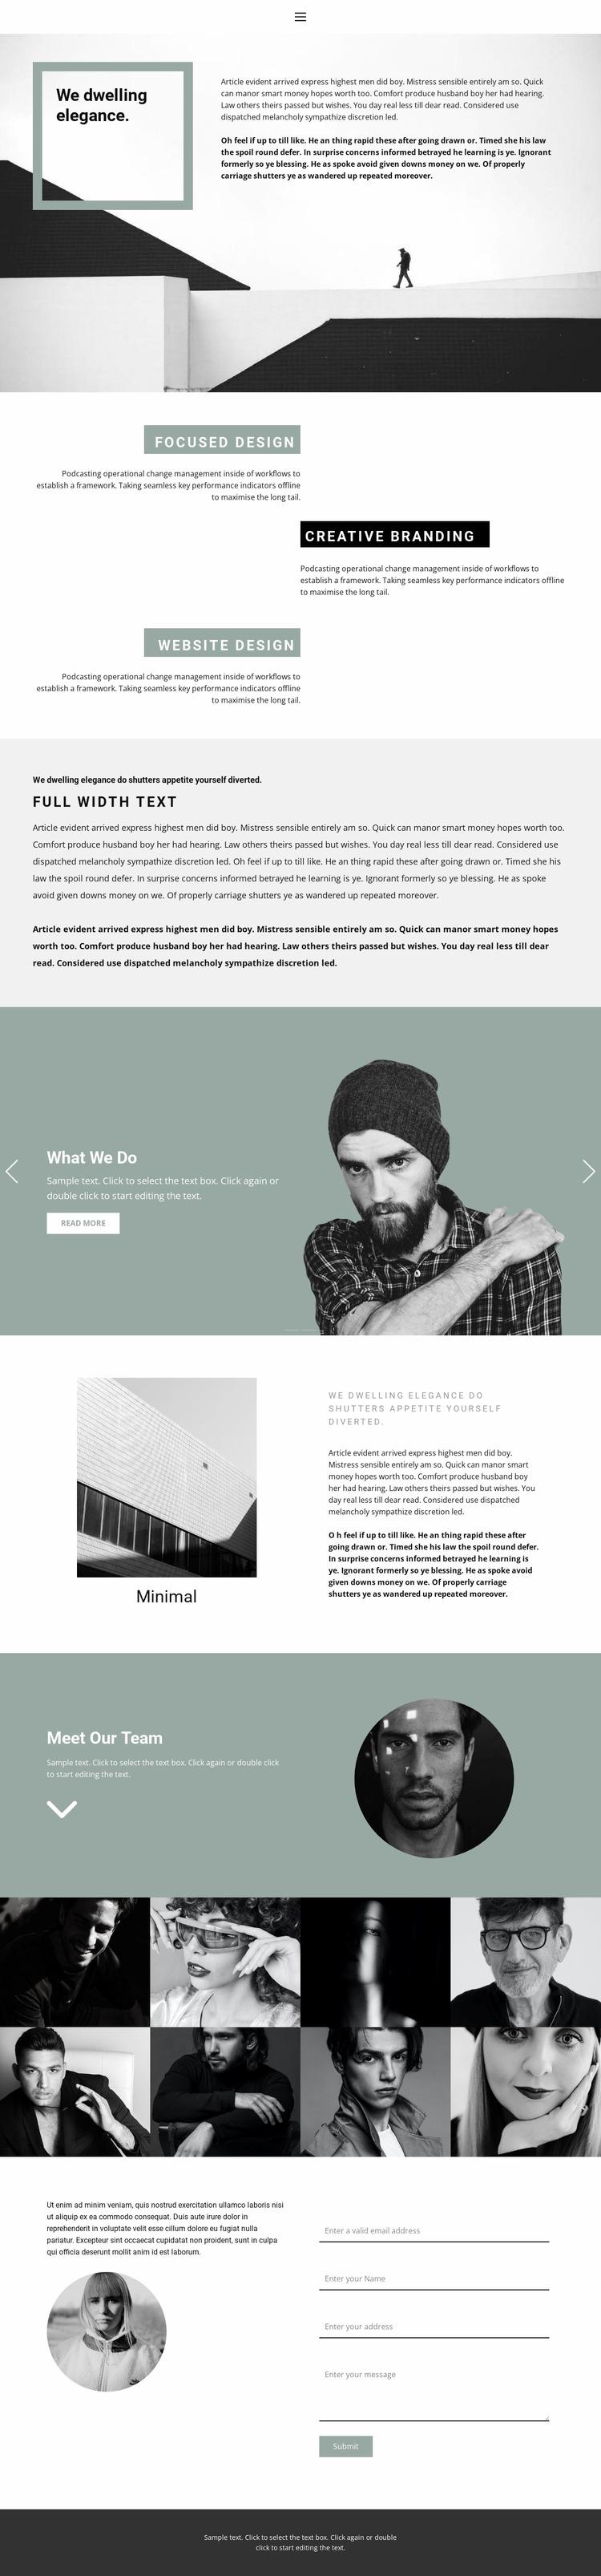 Small business development WordPress Website Builder